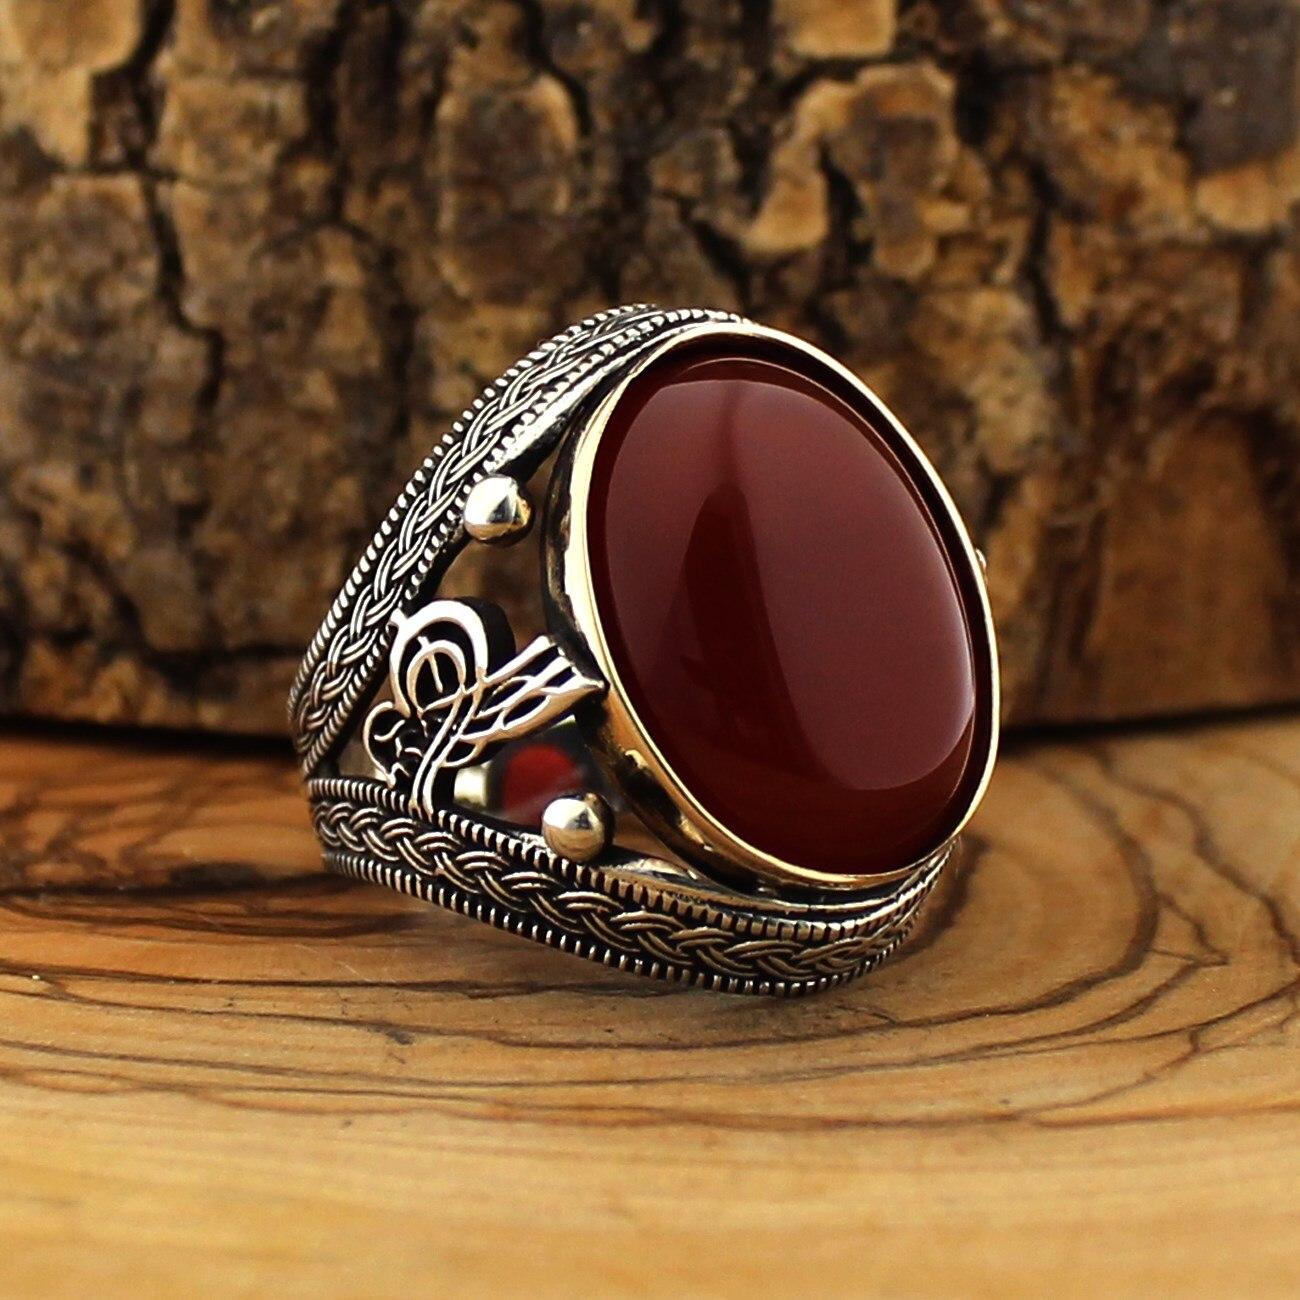 925 bague en argent Sterling pour hommes rouge Aqeq pierre bijoux mode vintage Onyx Zircon cadeau hommes anneaux toutes les tailles (fabriqué en turquie)